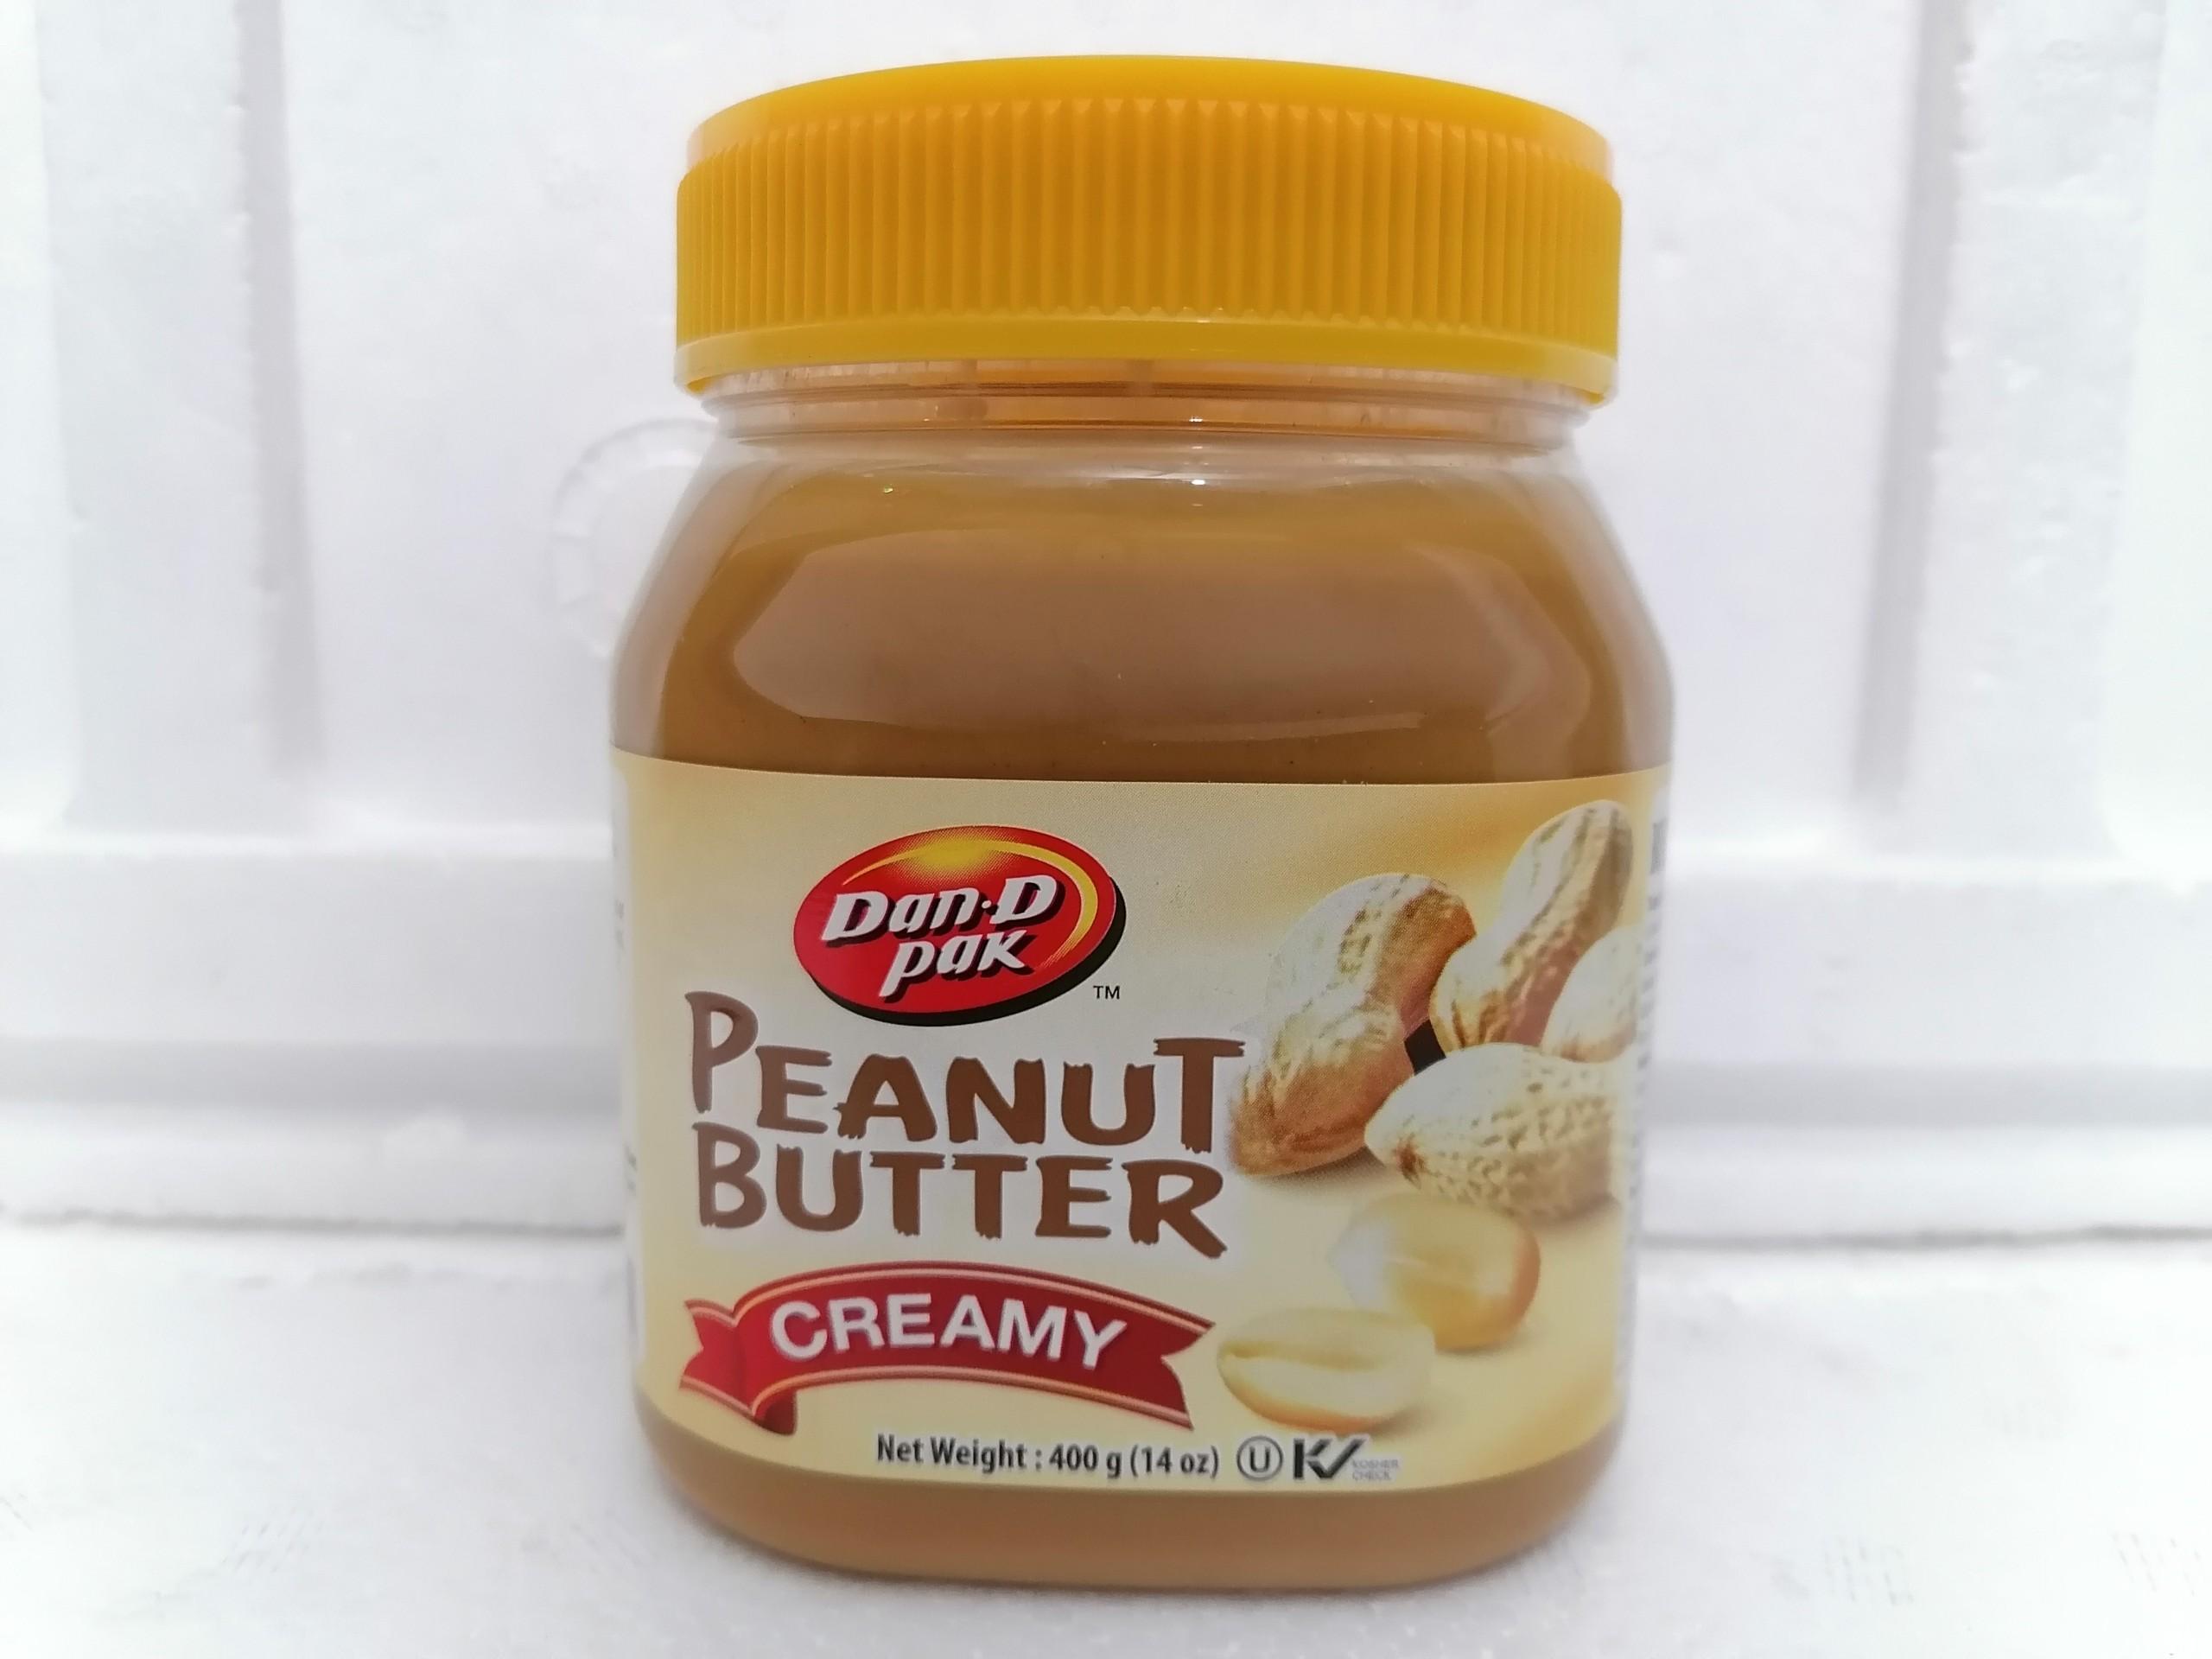 Bơ đậu phộng mịn DAN-D PAK Peanut Butter Creamy 400g